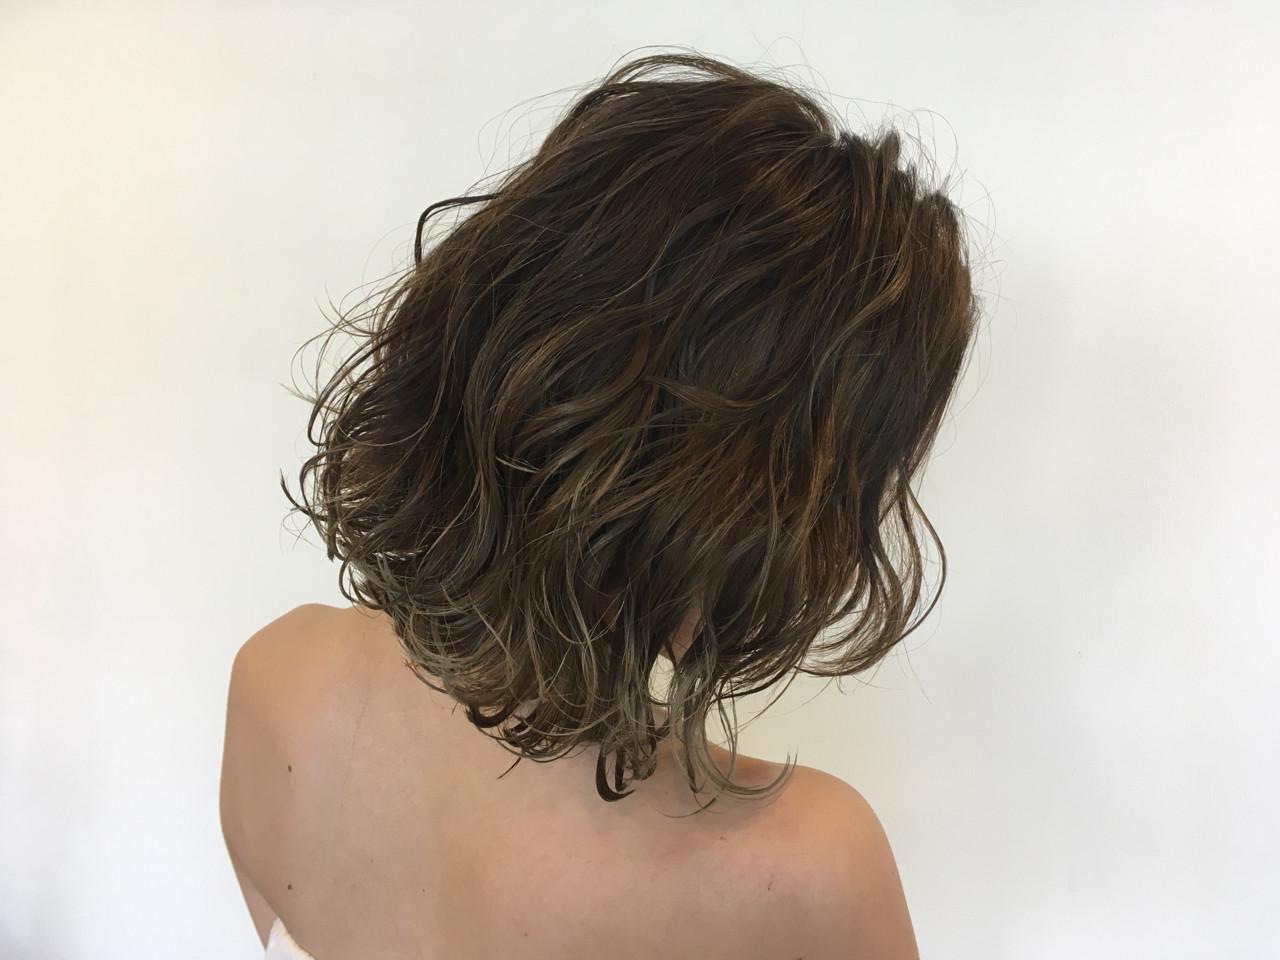 巻き髪でボリュームUP! 植月あずさ